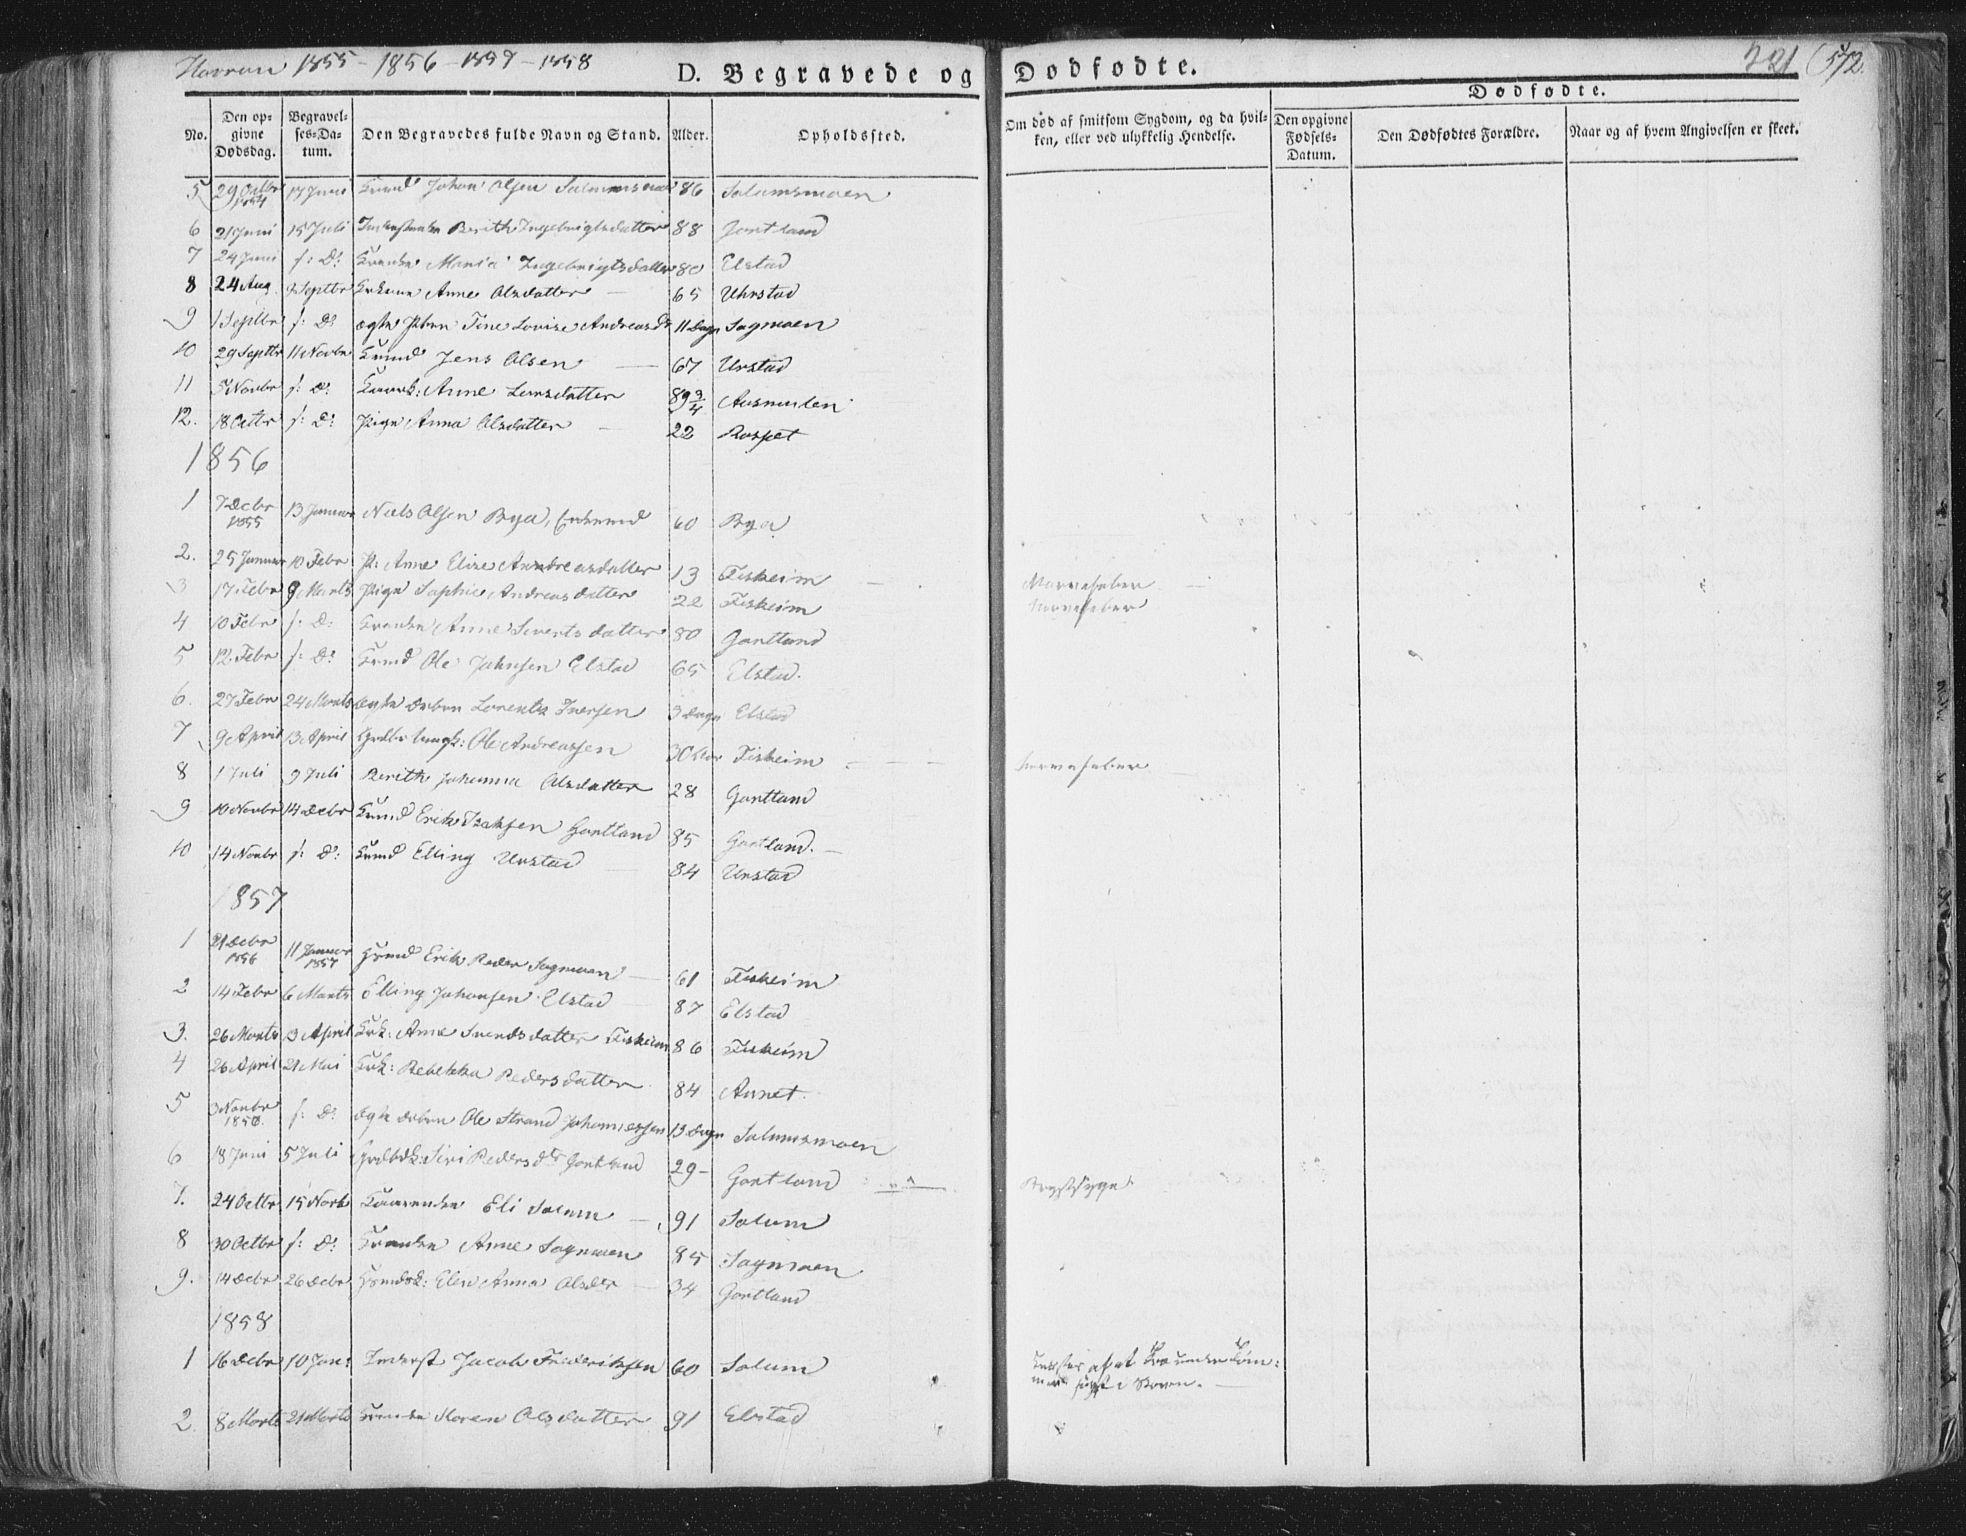 SAT, Ministerialprotokoller, klokkerbøker og fødselsregistre - Nord-Trøndelag, 758/L0513: Ministerialbok nr. 758A02 /3, 1839-1868, s. 221